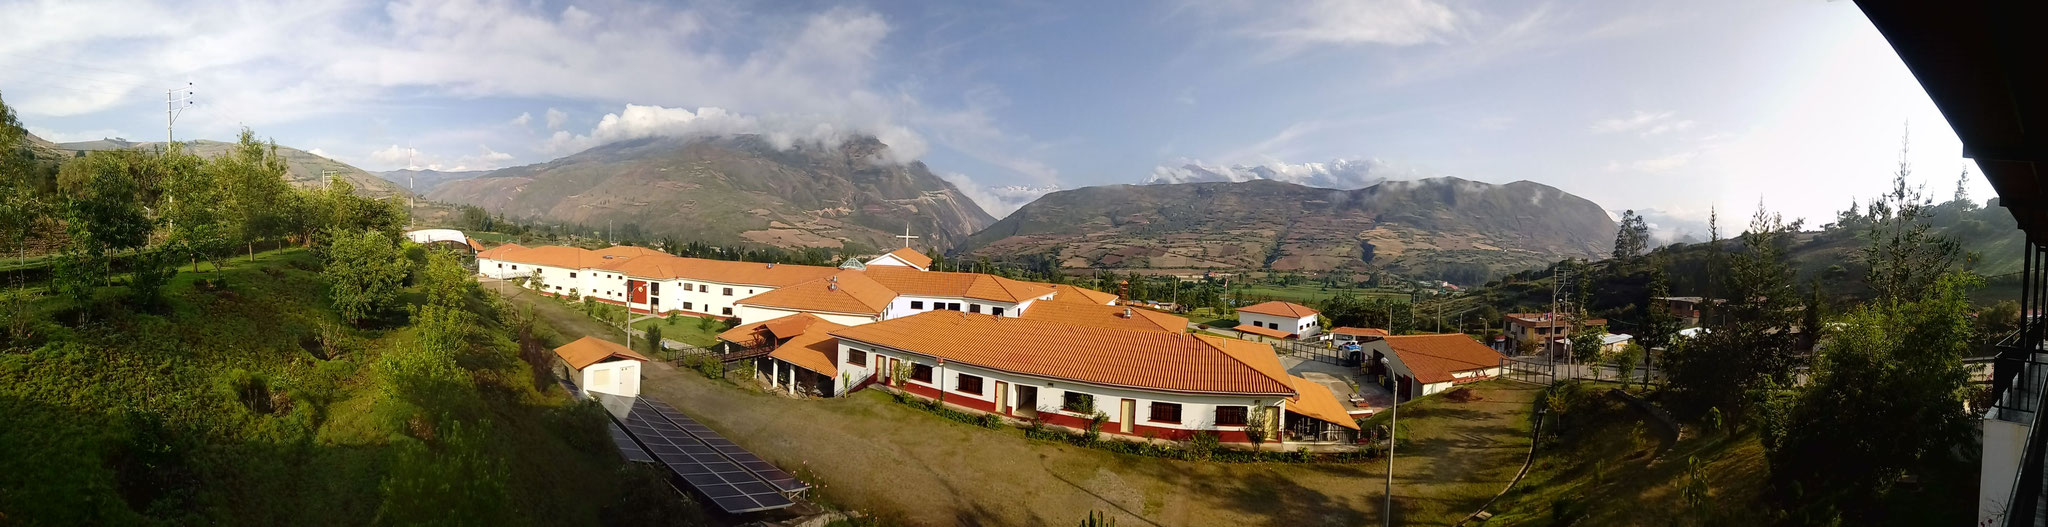 Ein Panorama der Anlage des Hospital Diospi Suyana.